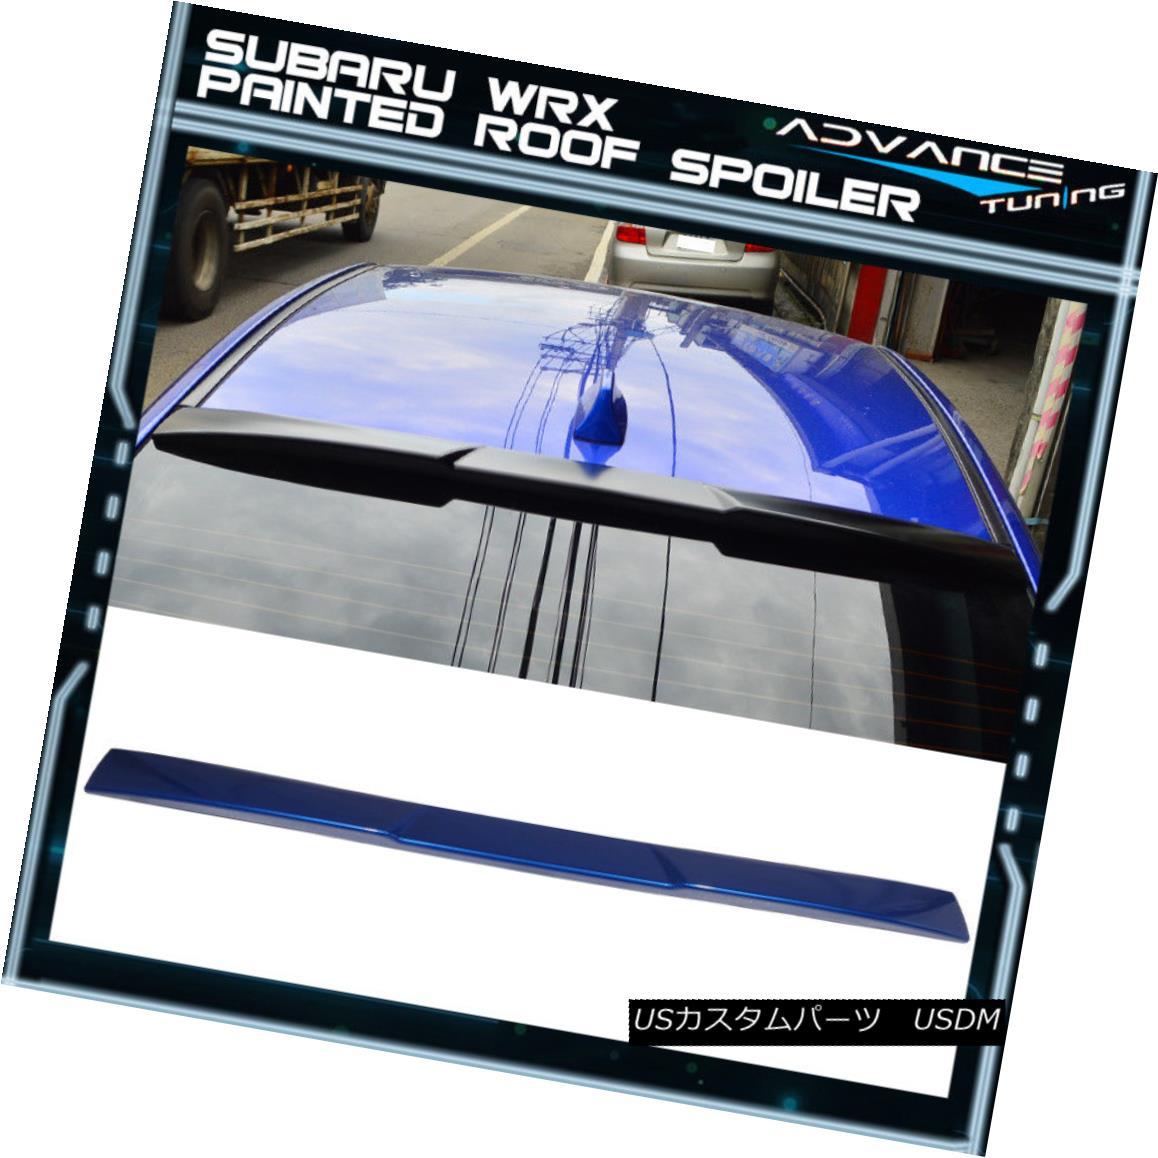 エアロパーツ For 15-18 Impreza WRX STI V Style Roof Spoiler OEM Painted #K7X Wr Blue Pearl 15-18インプレッサWRX STI VスタイルルーフスポイラーOEM塗装#K7X Wrブルーパール